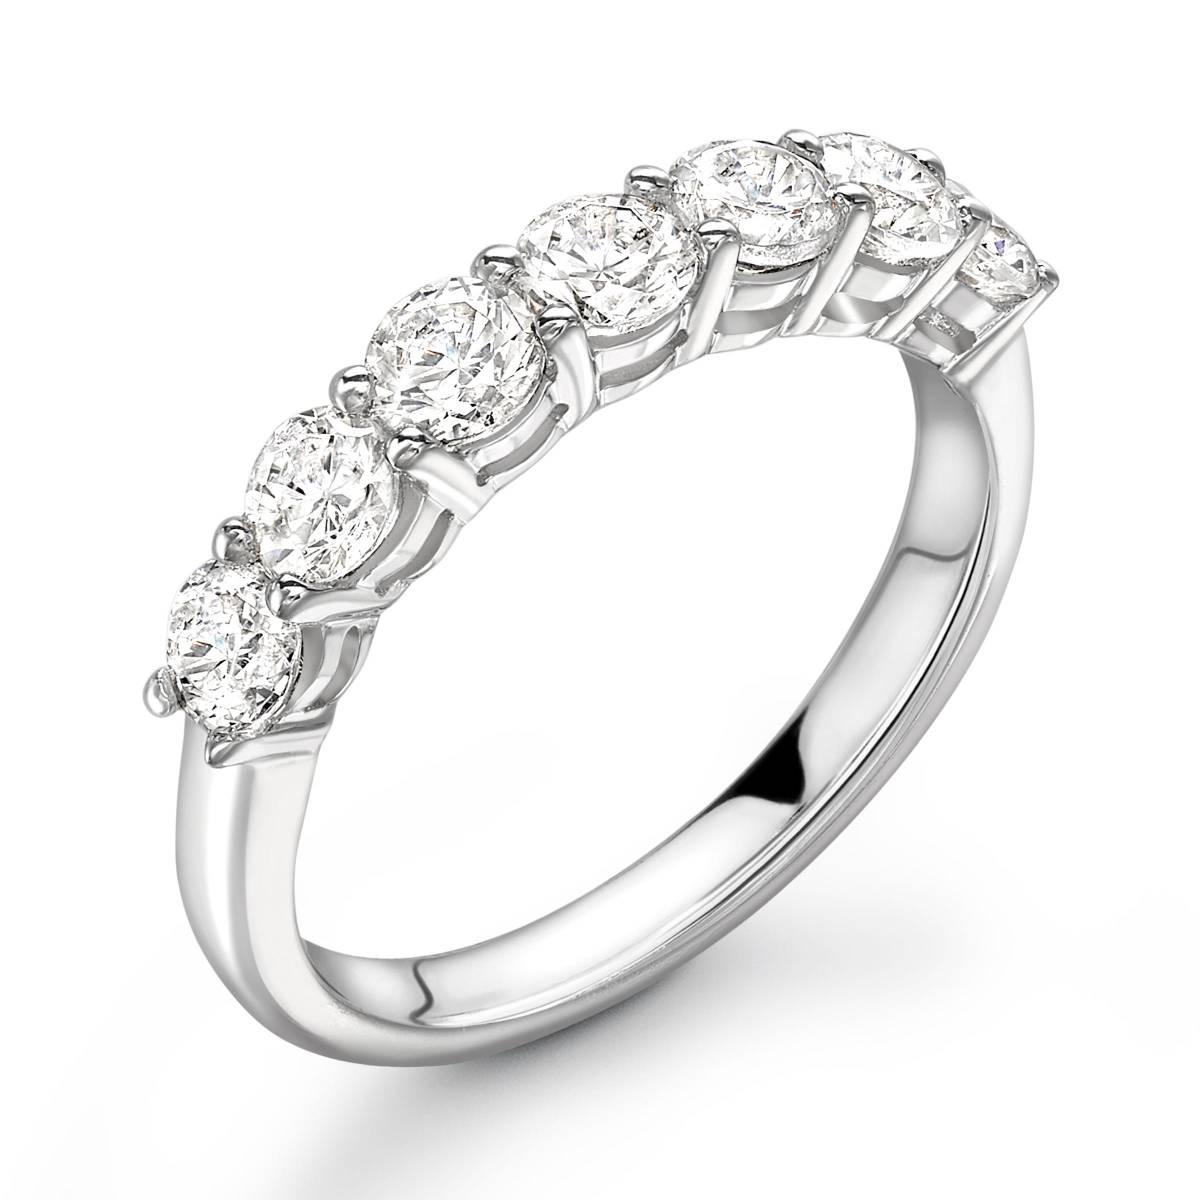 Jewels by Christiaan Van Bignoot - House of Weddings - 7